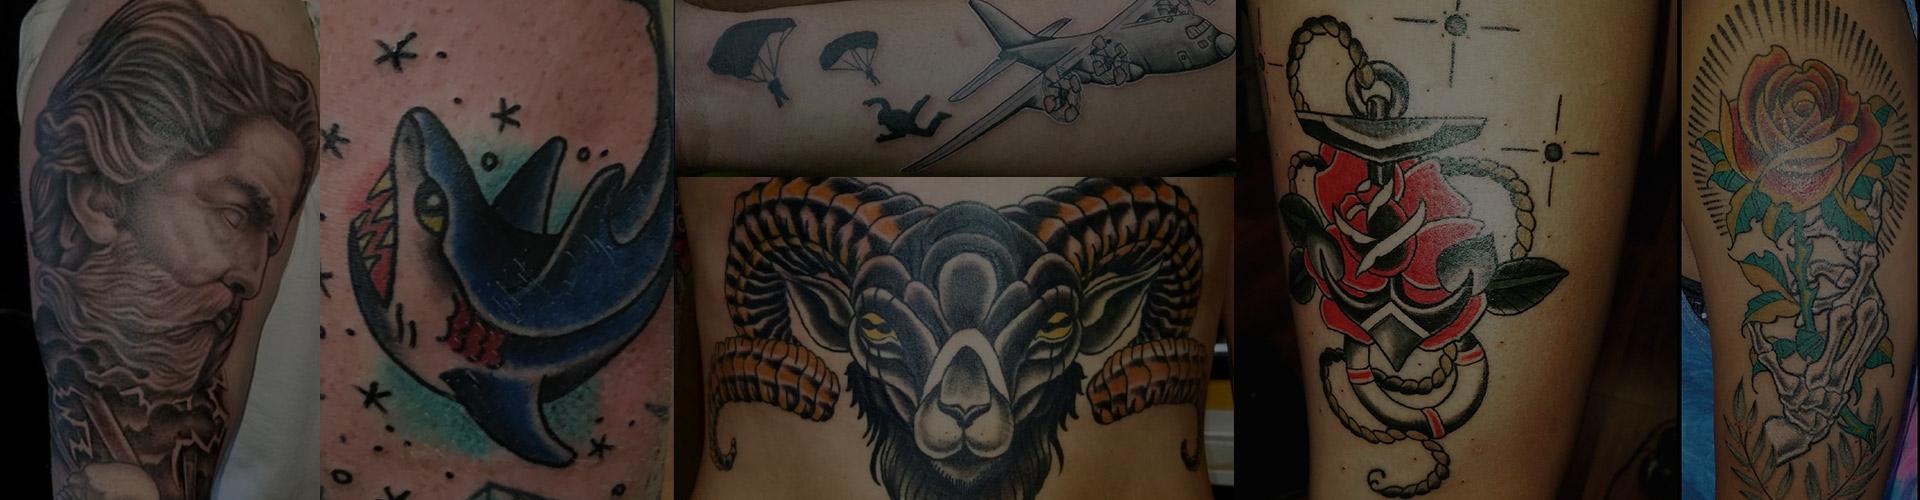 tattoo shop in cheyenne wy cheyenne tattoo parlor